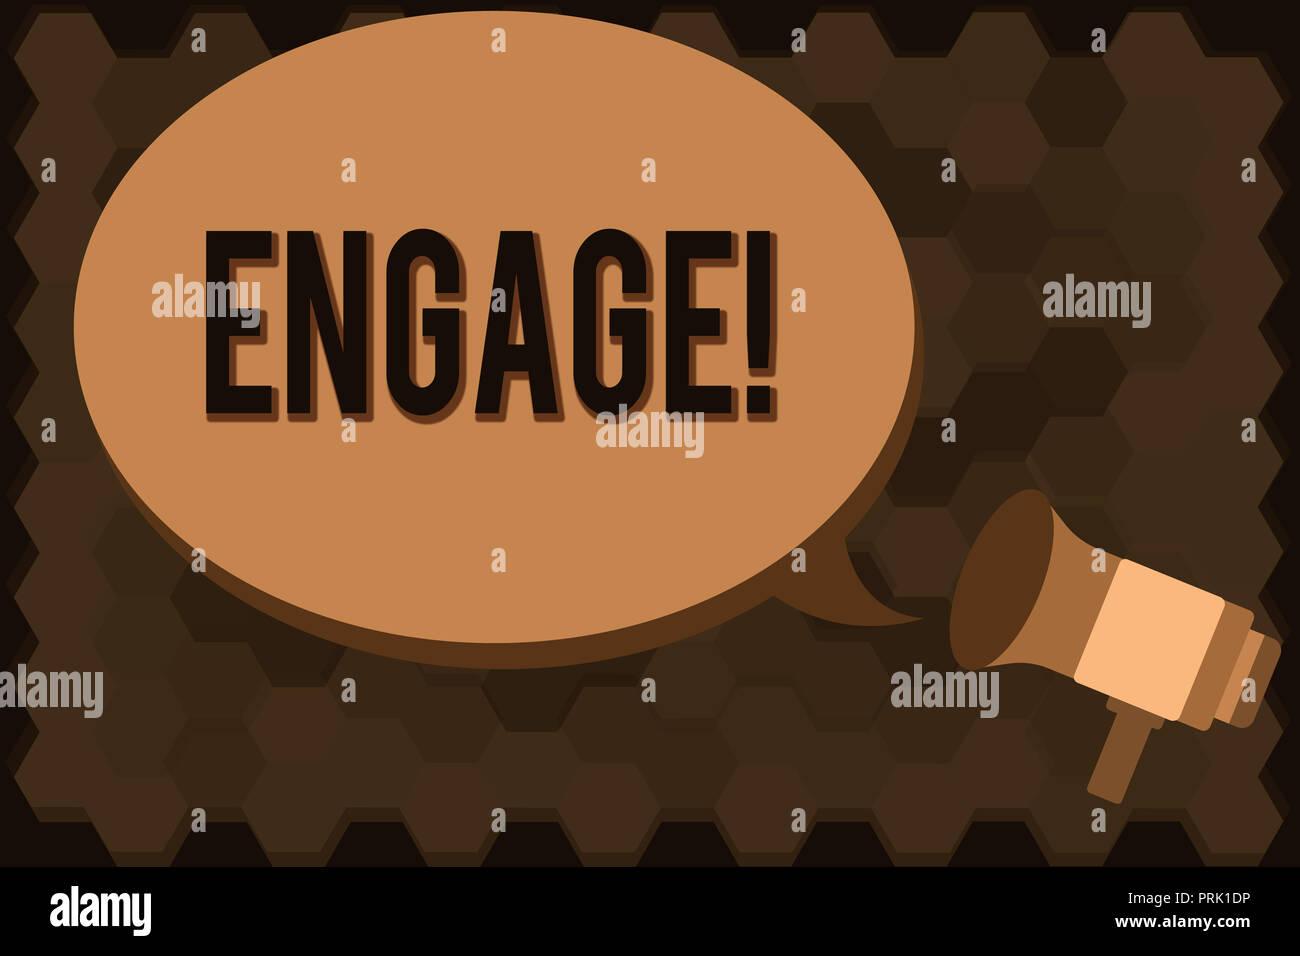 Handschrift Text einrücken. Konzept Bedeutung beteiligen beteiligt werden Heiratsantrag jemanden einstellen. Stockbild